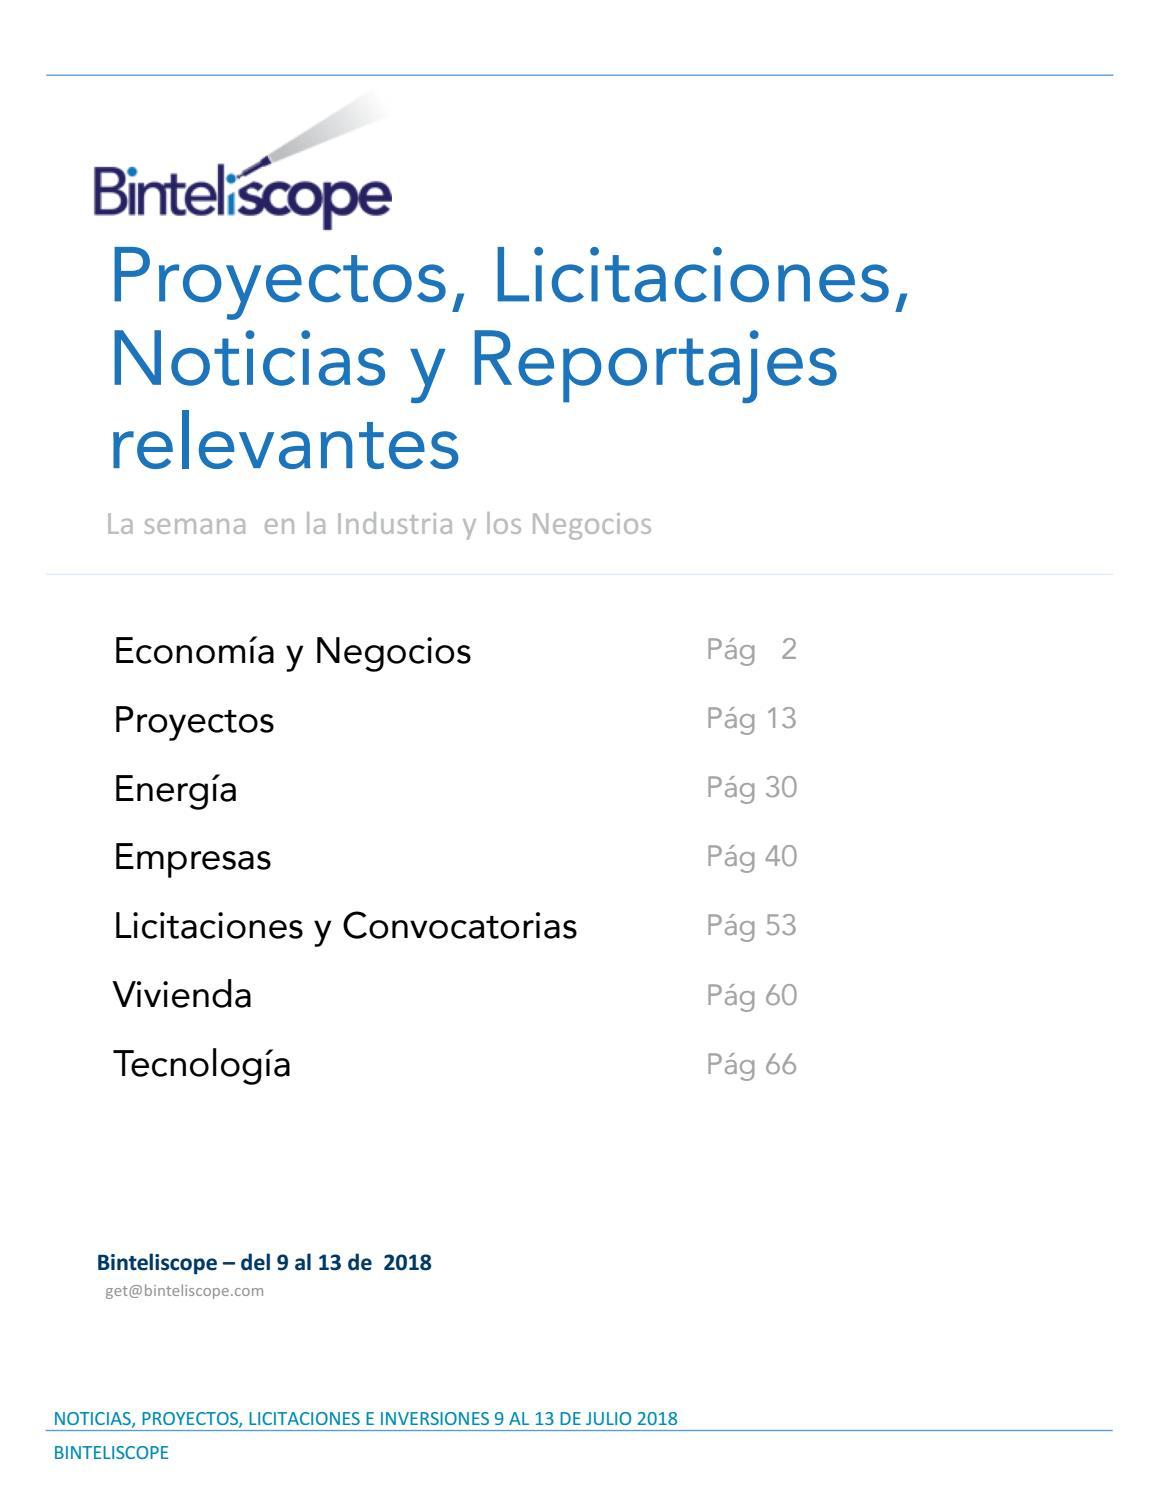 Noticias, Proyectos y Licitaciones 9 al 13 julio 18 by Binteliscope ...